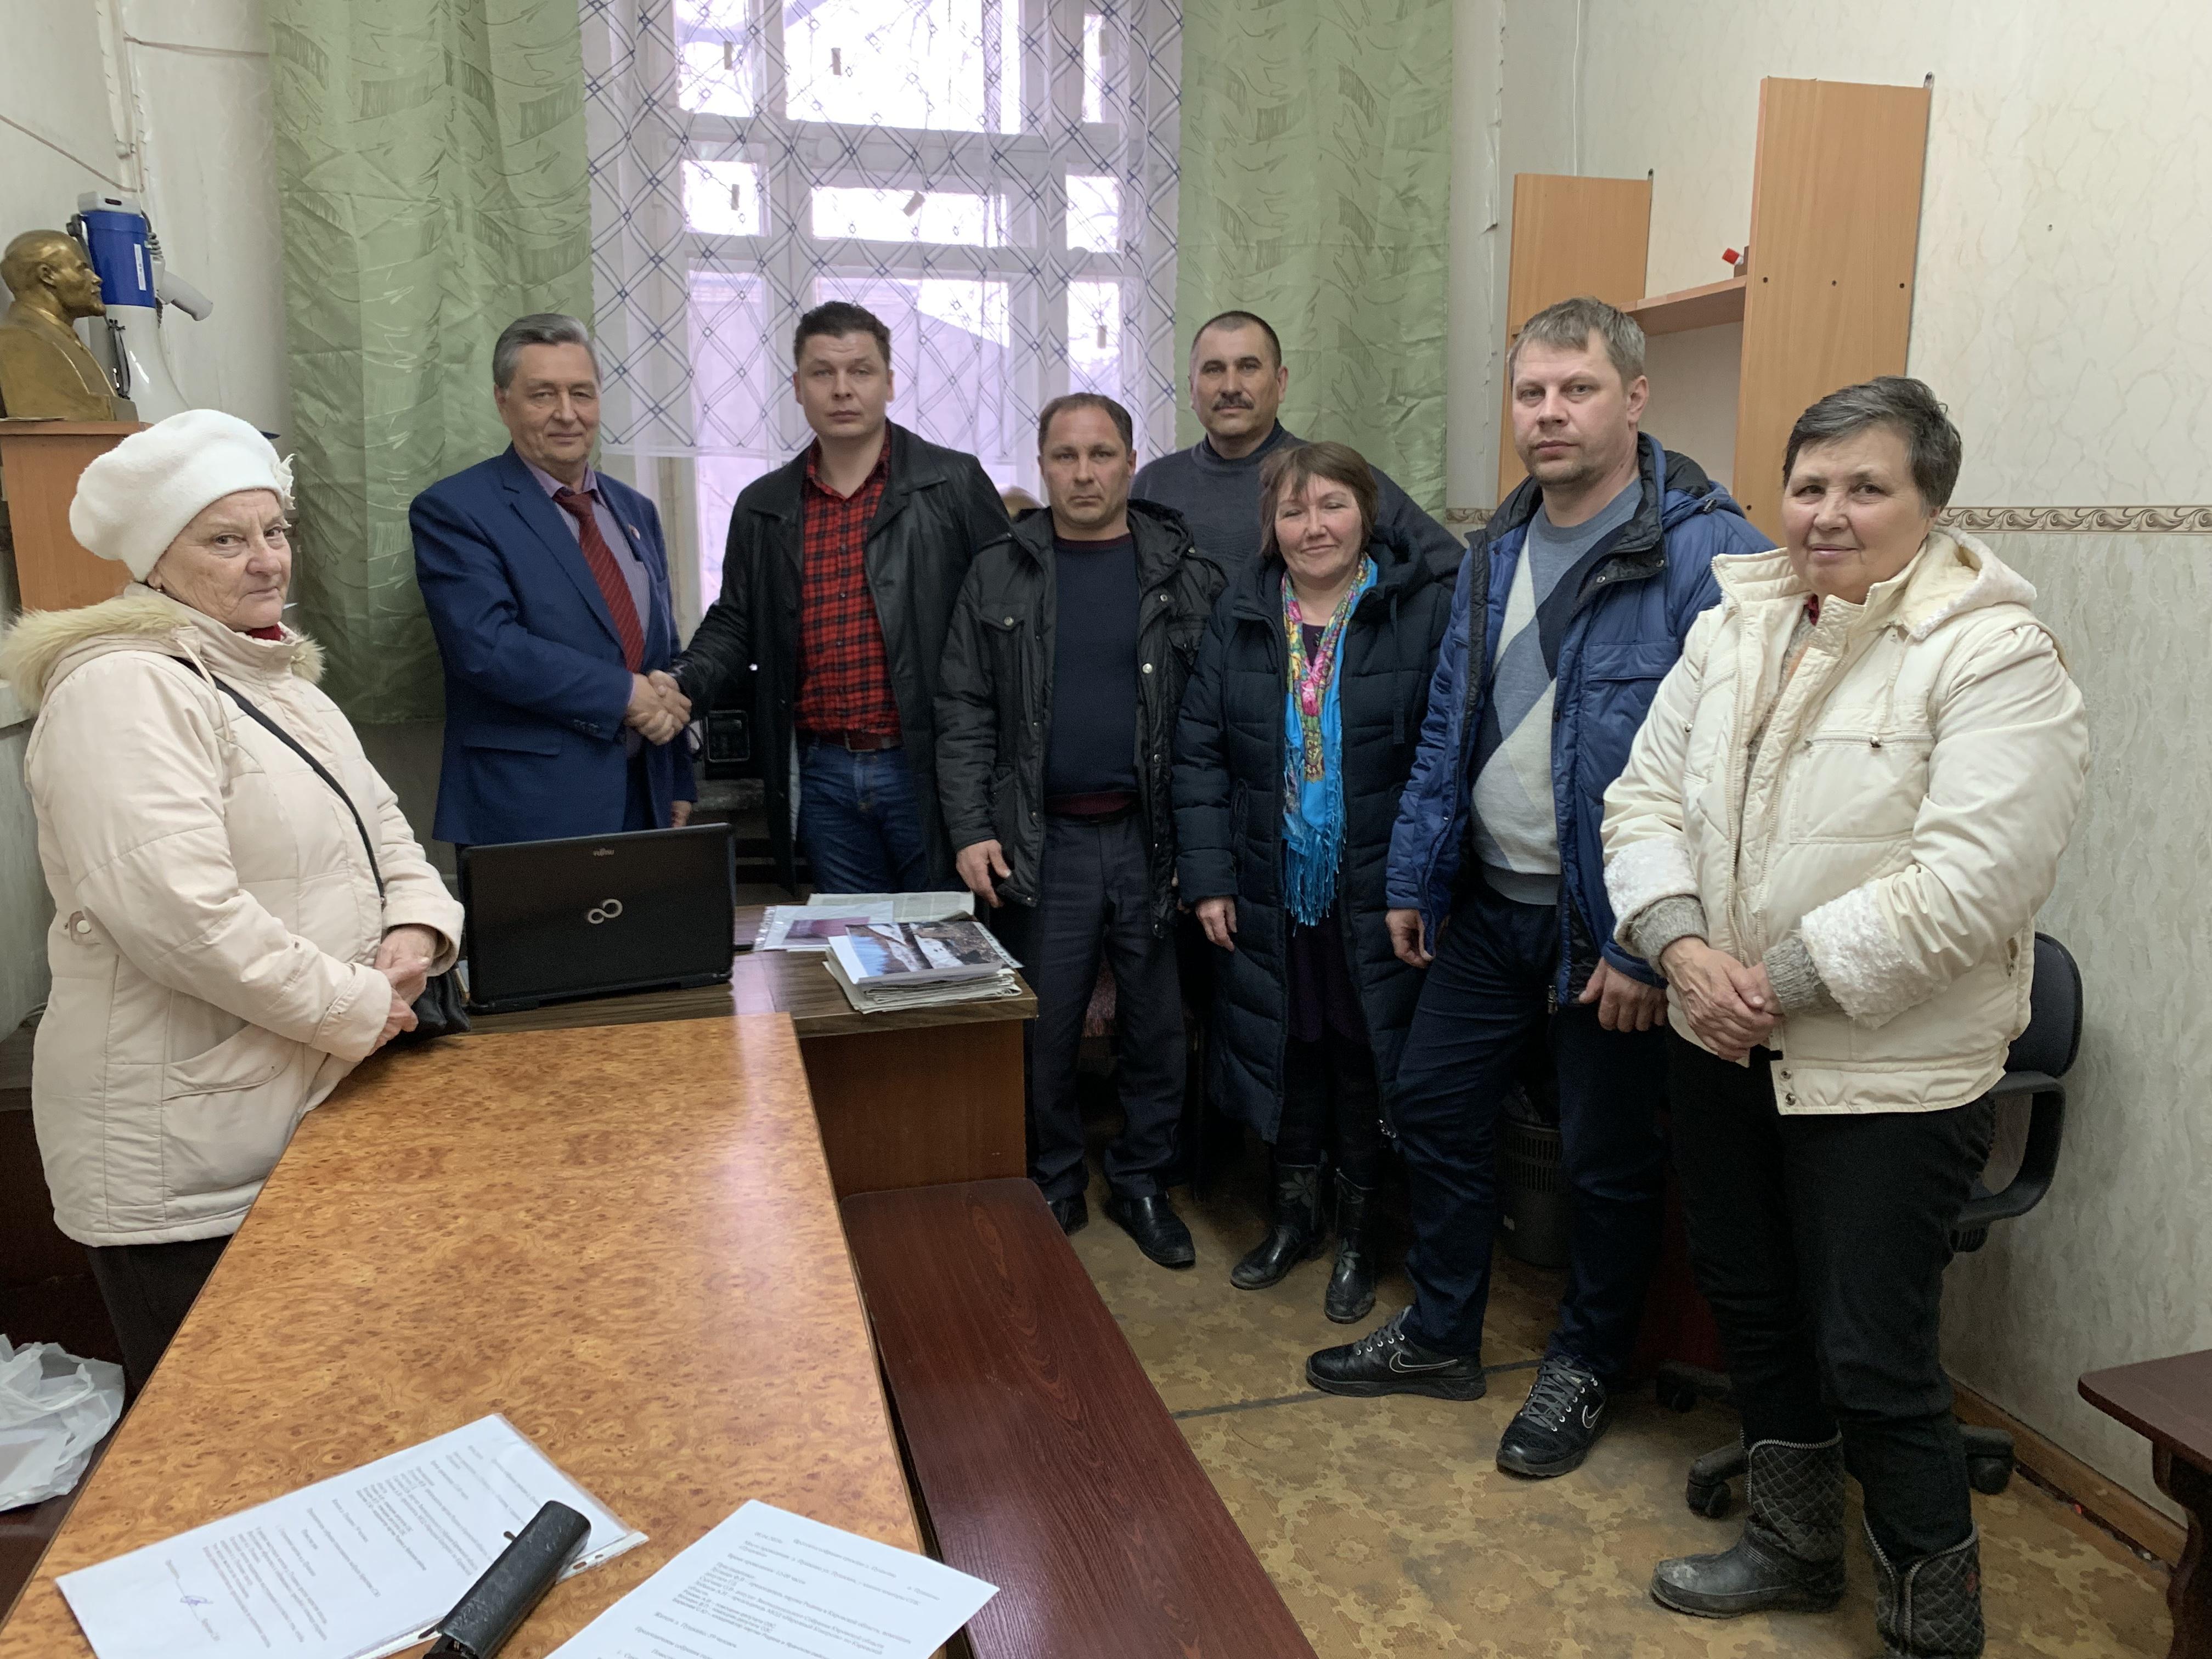 Федор Лугинин: Яранская общественность заставила власть считаться с собой